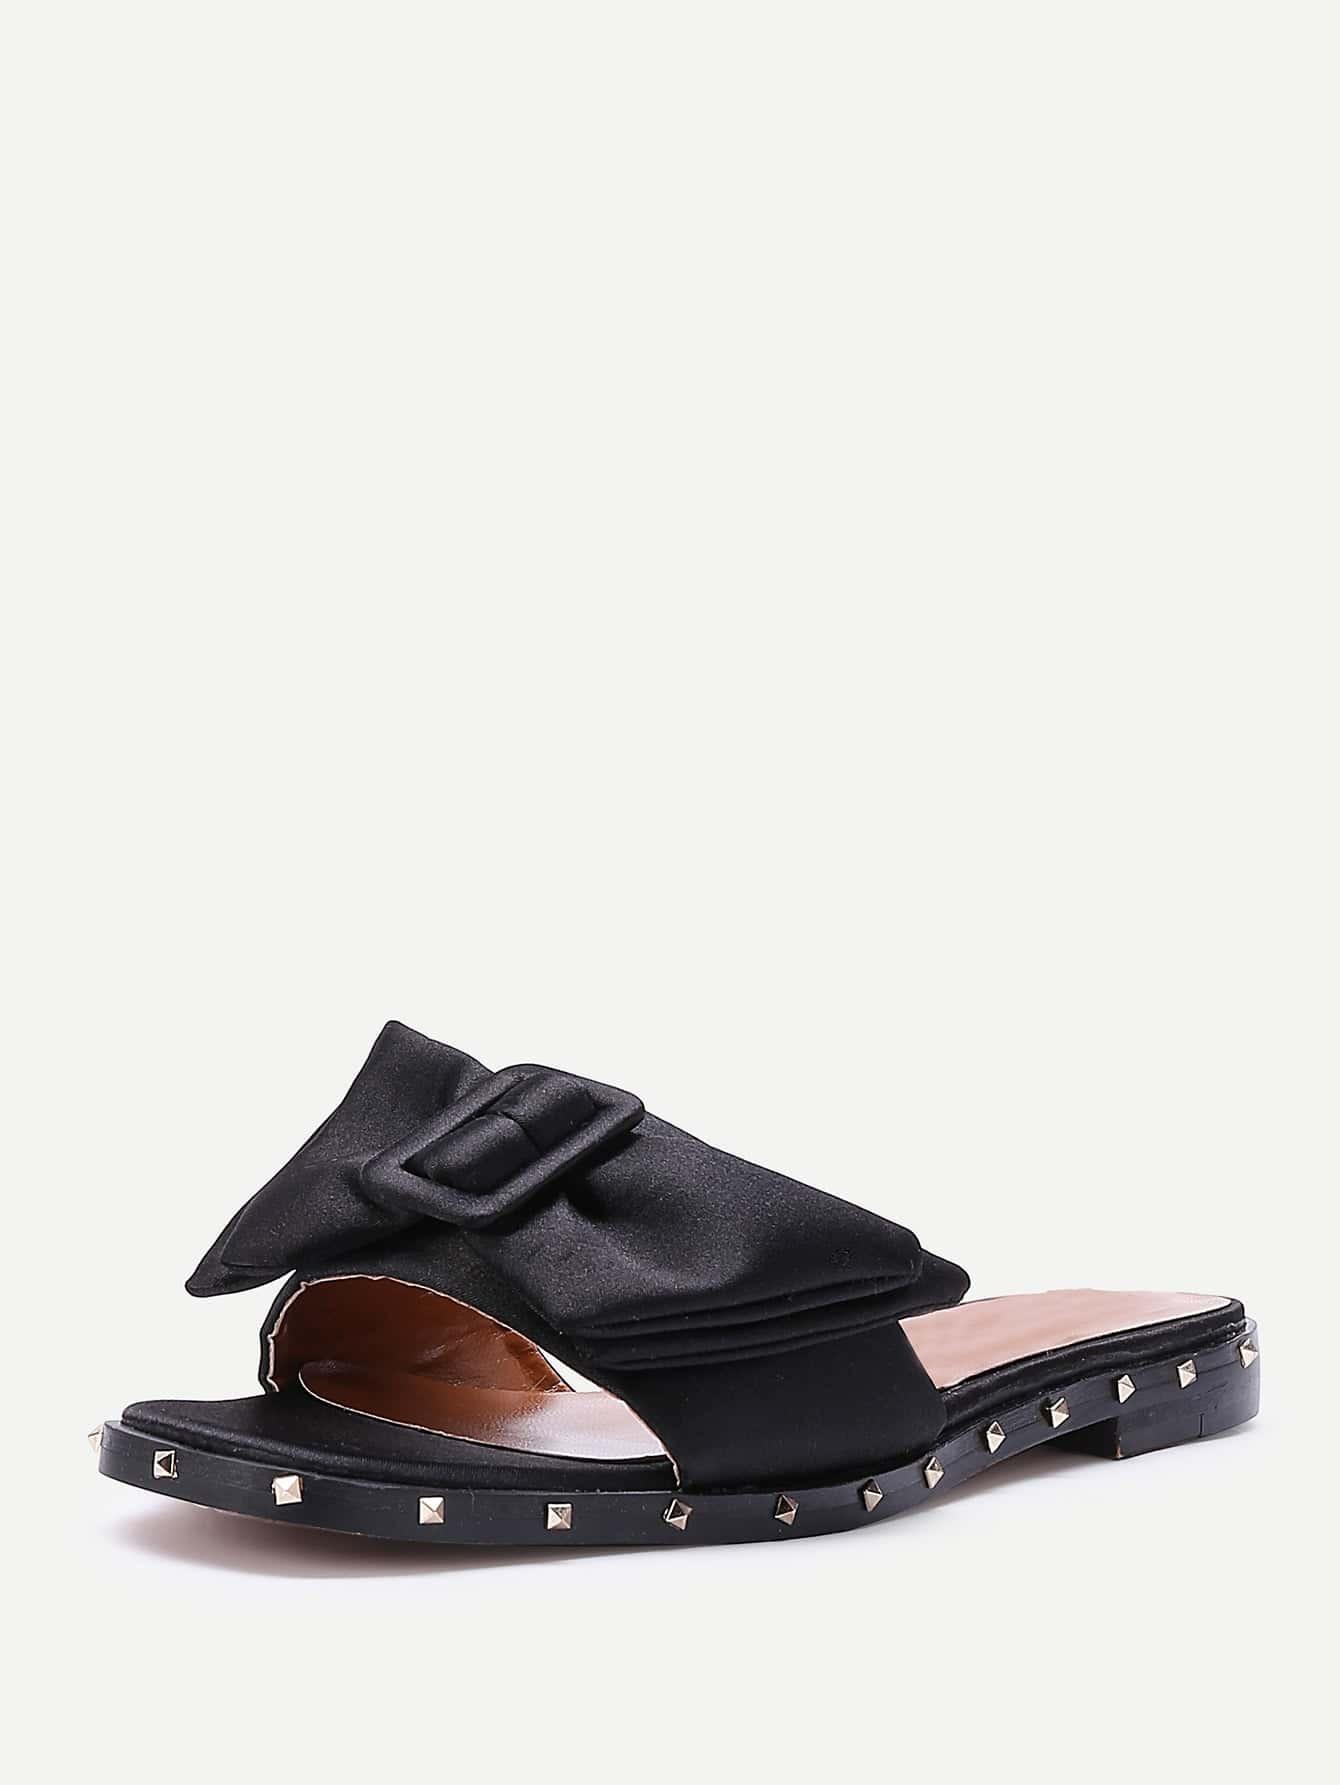 shoes170427804_2